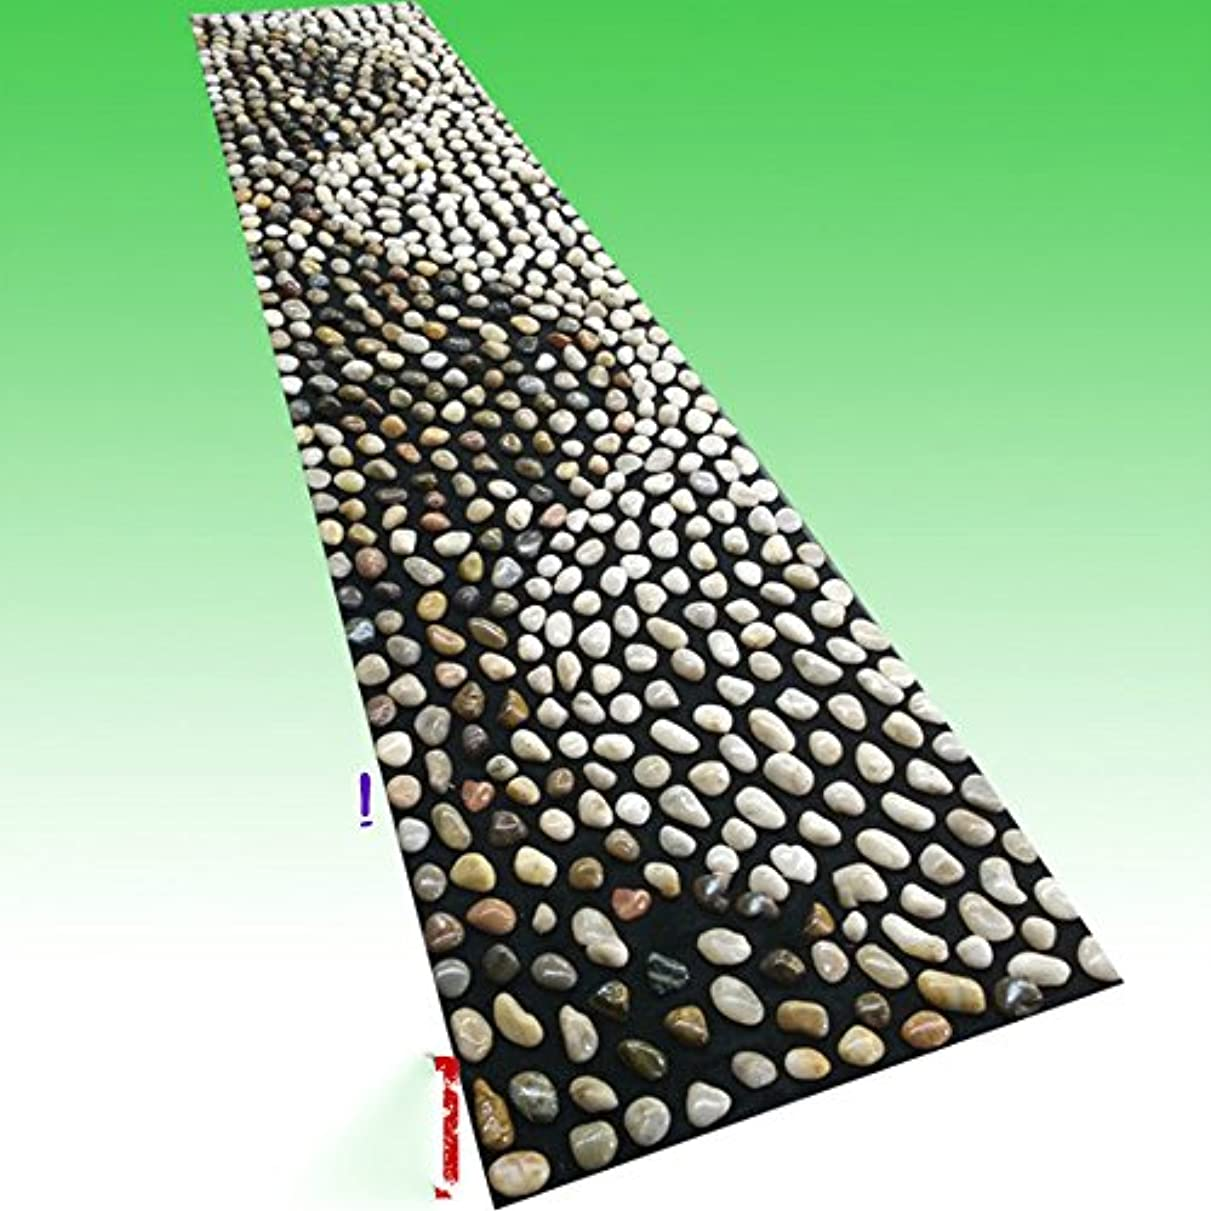 燃料簡潔なアルカトラズ島足つぼ マット マッサージシート マッサージ 足裏 健康 ツボ刺激 折りたたみ ウォーキングマット 足裏マット 本物の健康 フットマッサージ 足のマッサージパッド 模造石畳の歩道